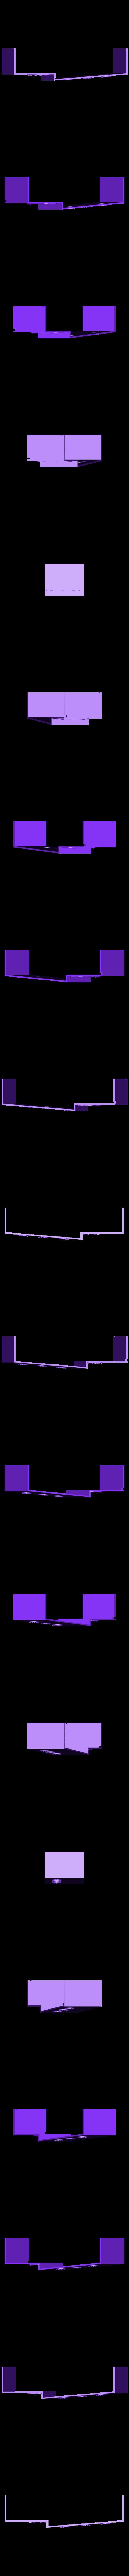 nastavba spodni P.stl Download STL file MONAKO RC MODEL BOAT TUG • 3D printable template, maca-artwork